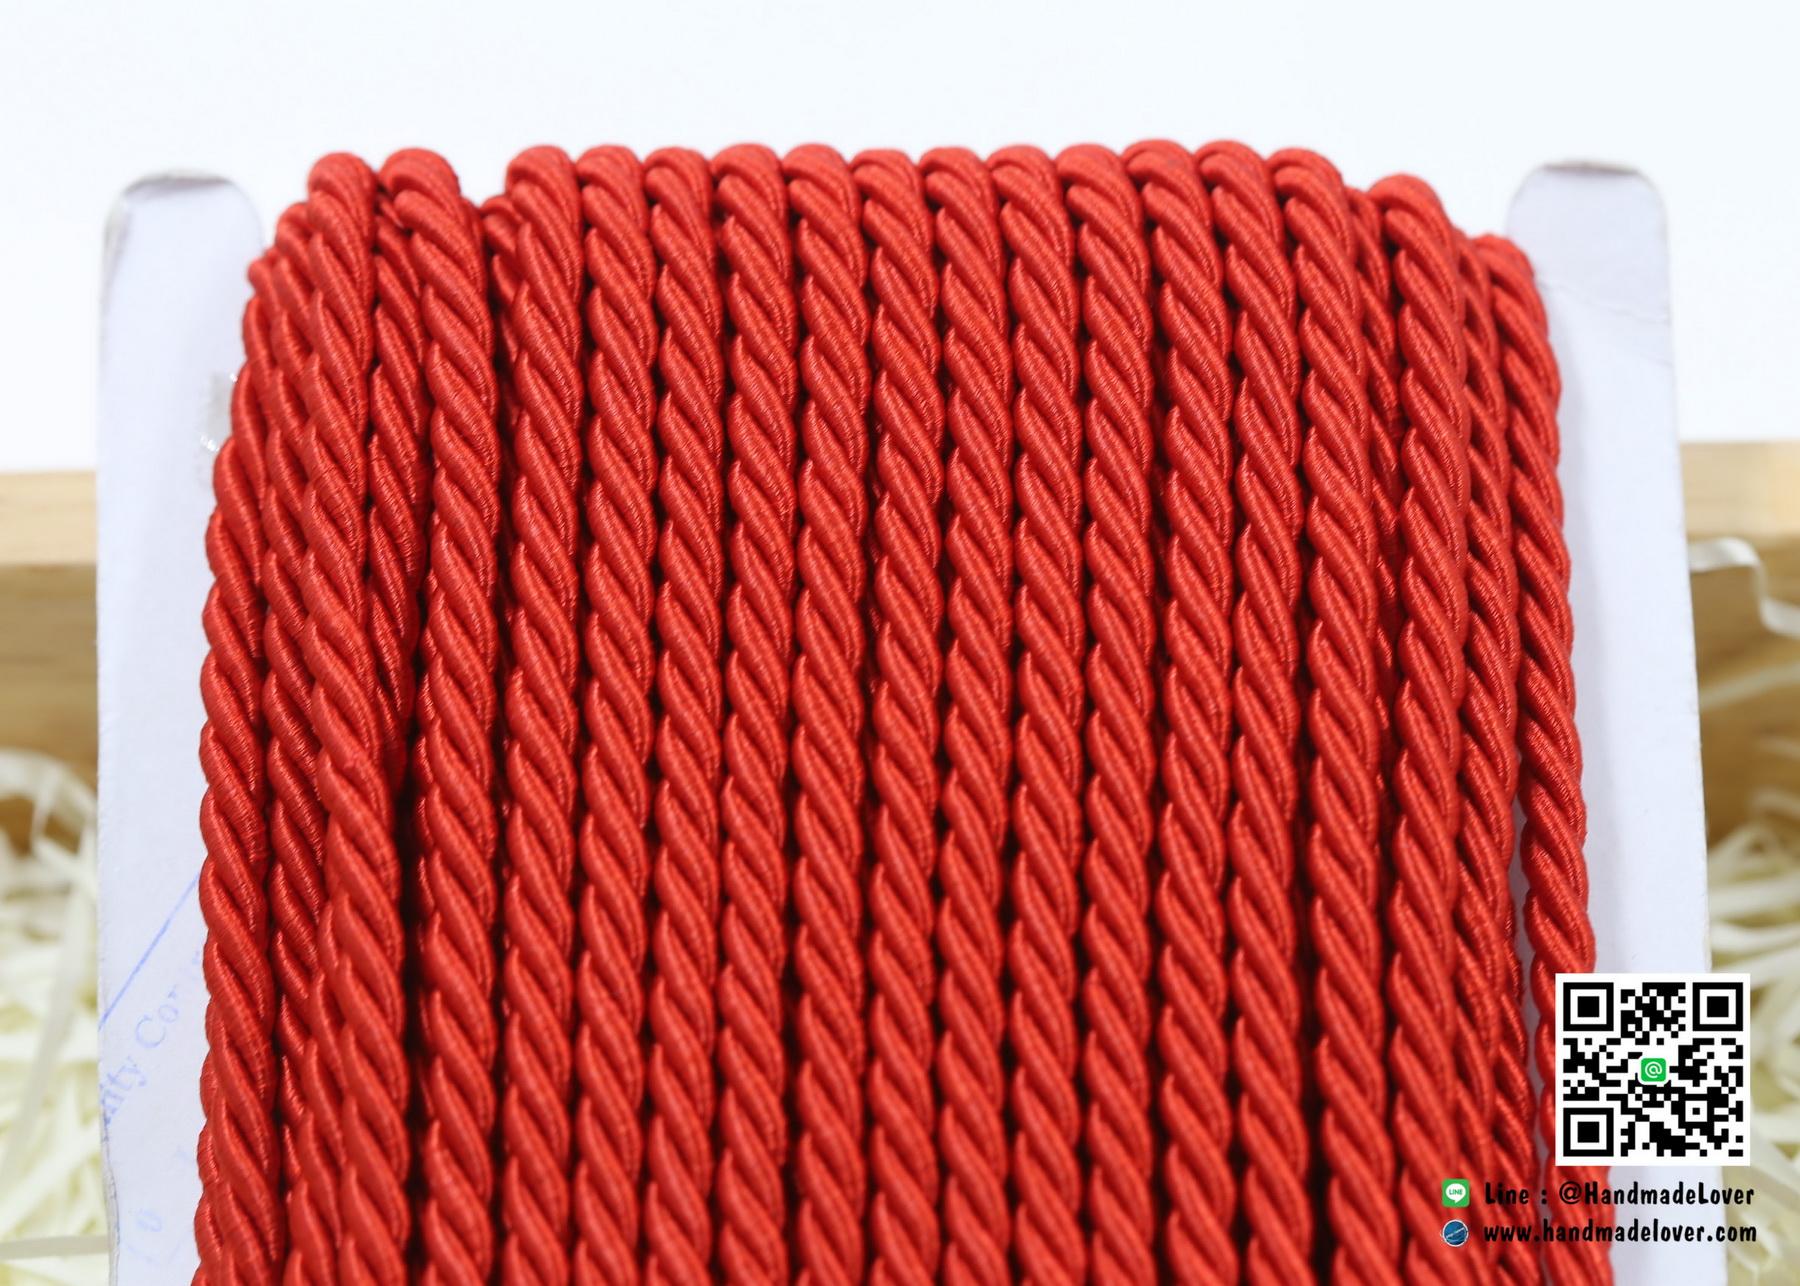 เชือกพันเกลียว สีแดง [10] ขนาด 5 mm.